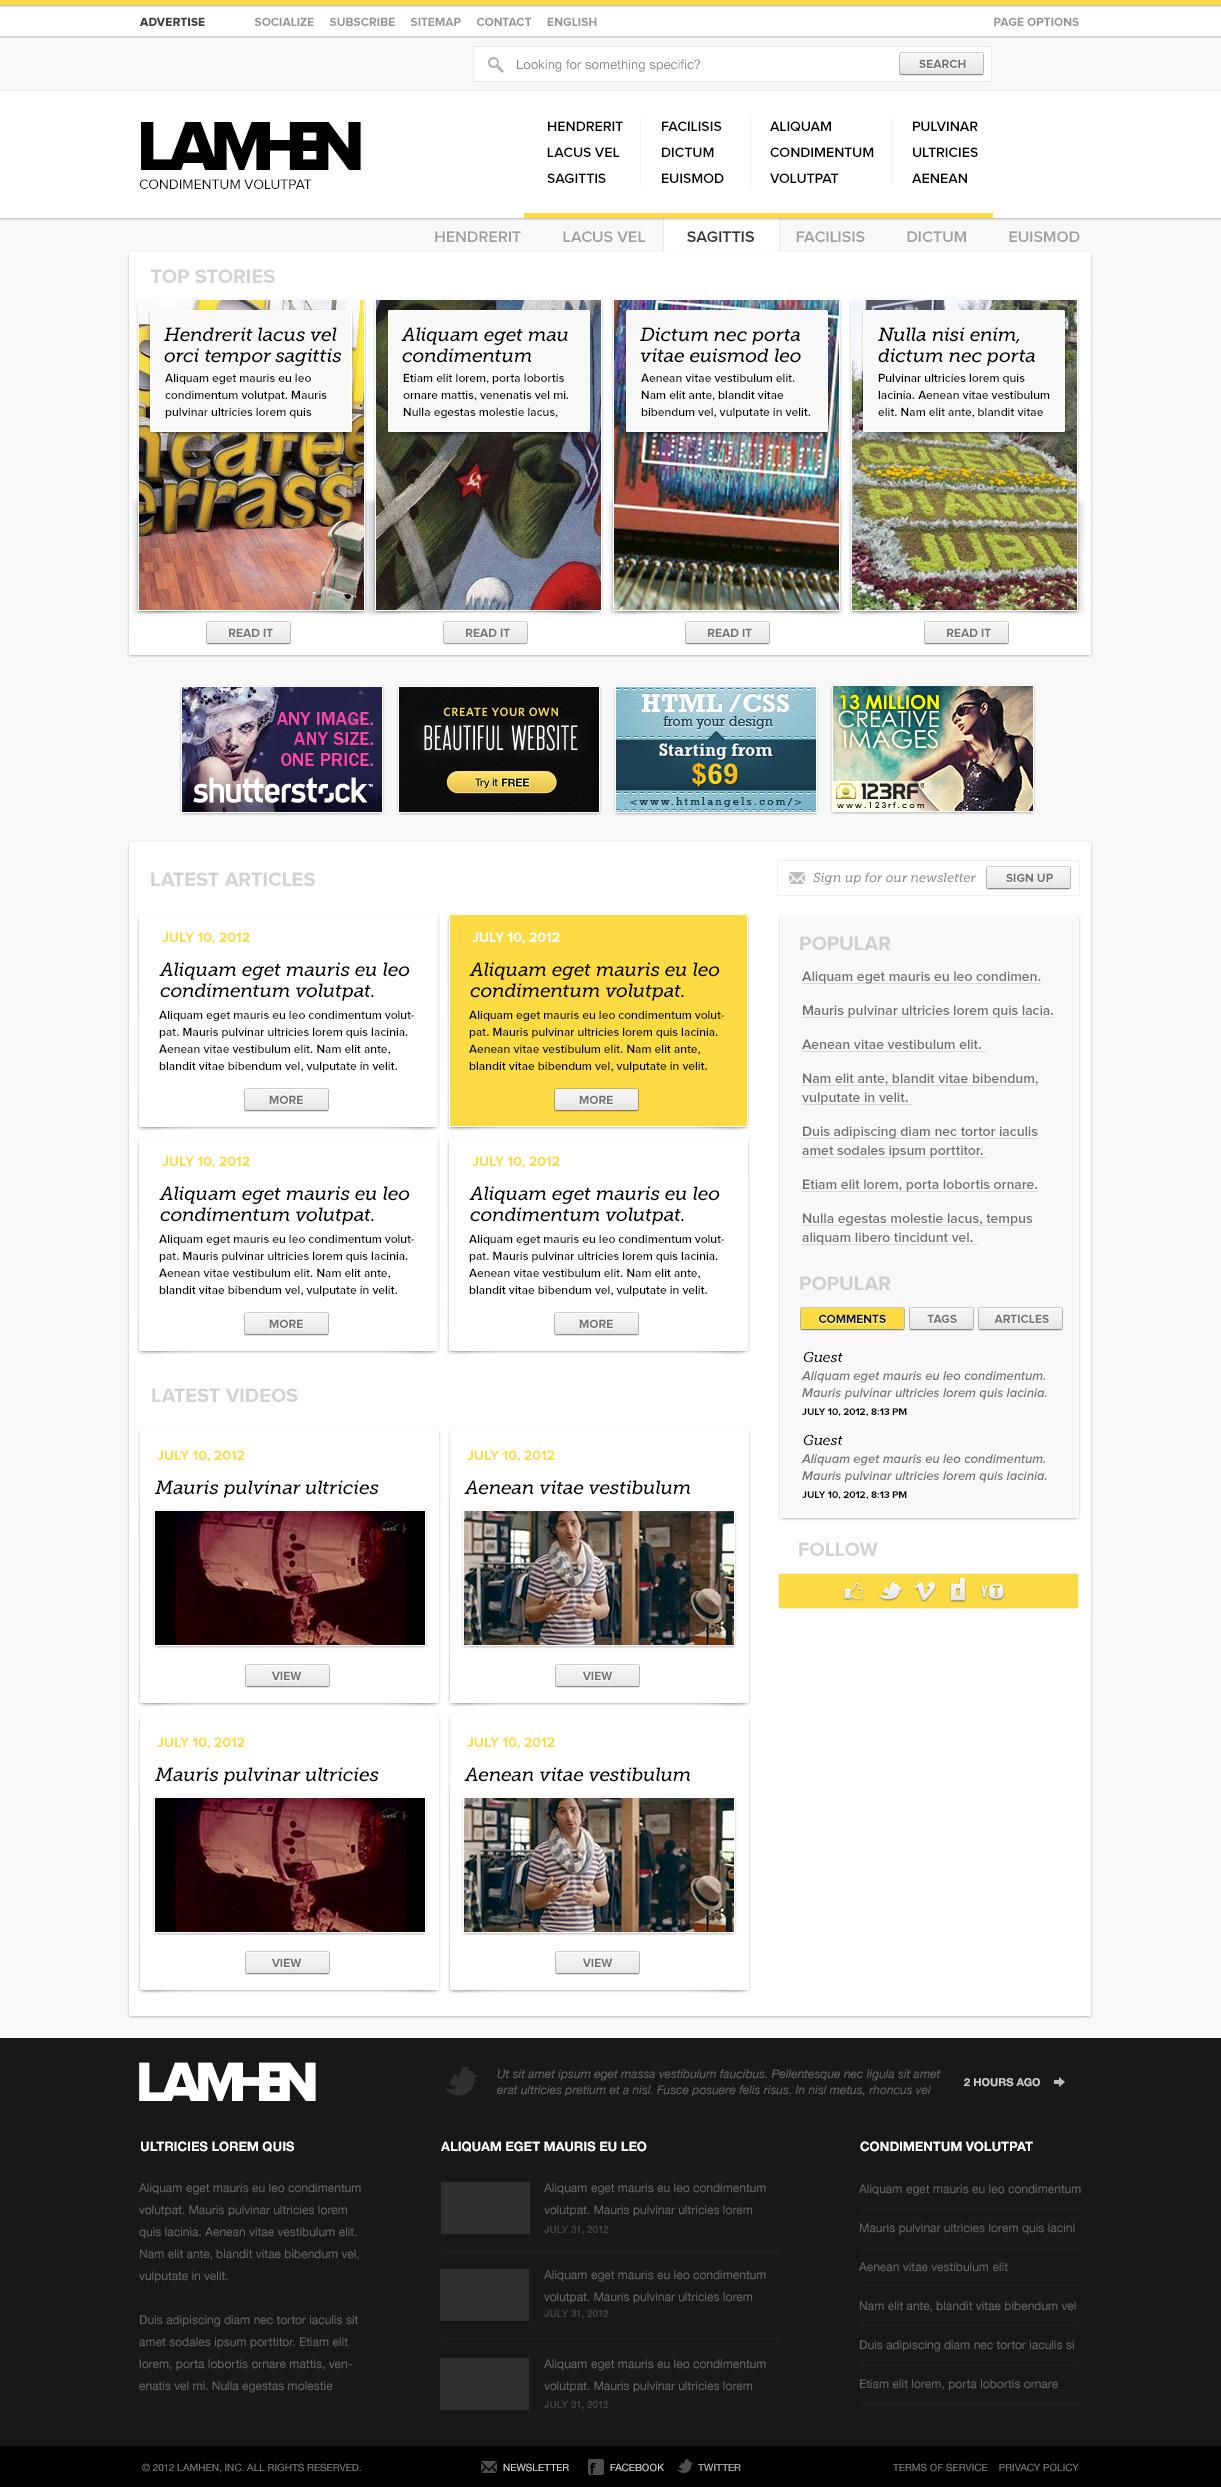 LAMHEN Online Magazine